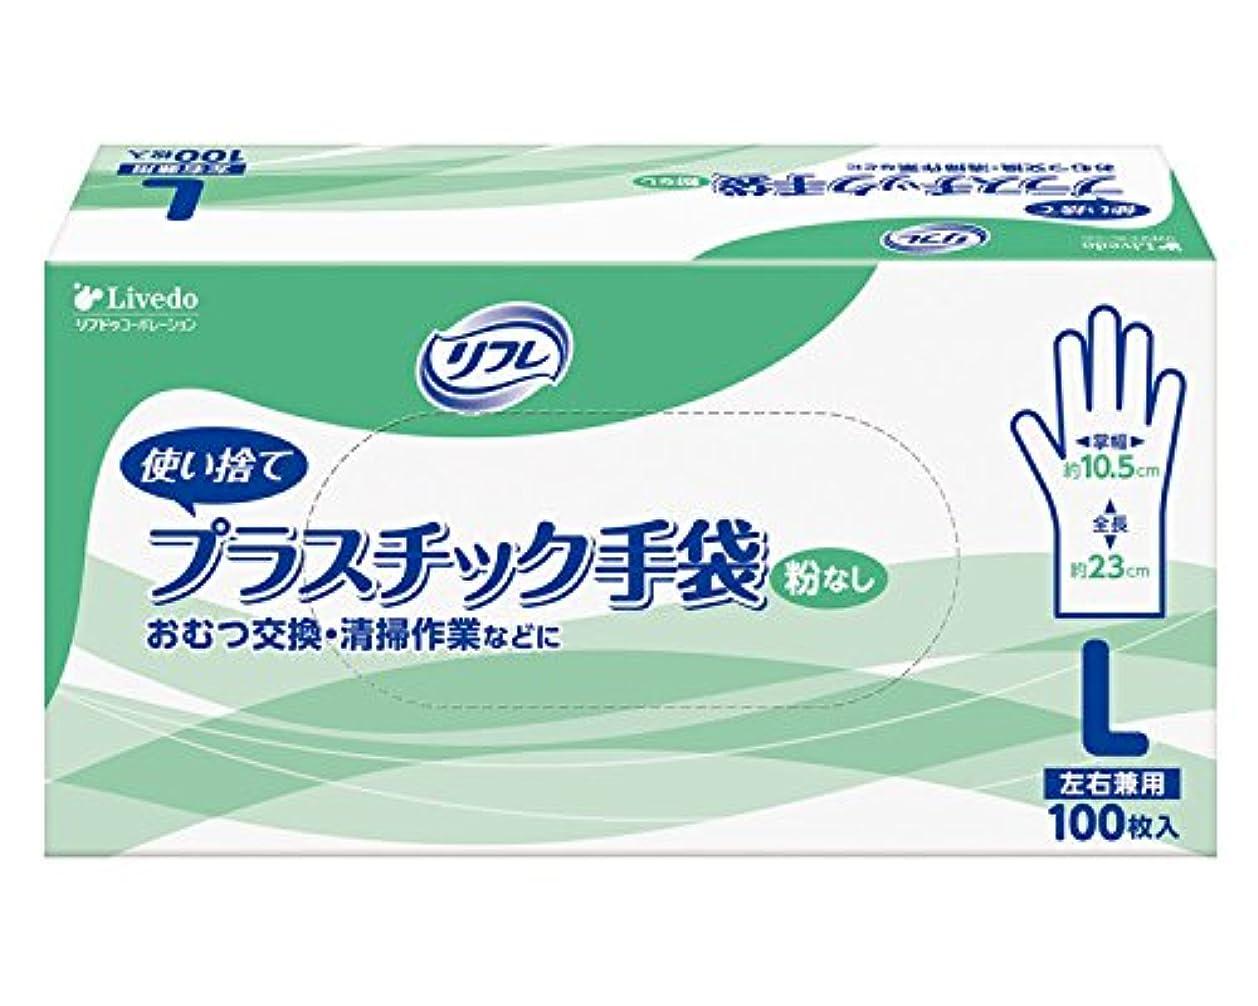 ヘビー信頼適切にリフレ プラスチック手袋 粉なし L 1ケース(1箱100枚×20小箱入) 92117 (リブドゥコーポレーション) (プラ手袋?ゴム手袋)